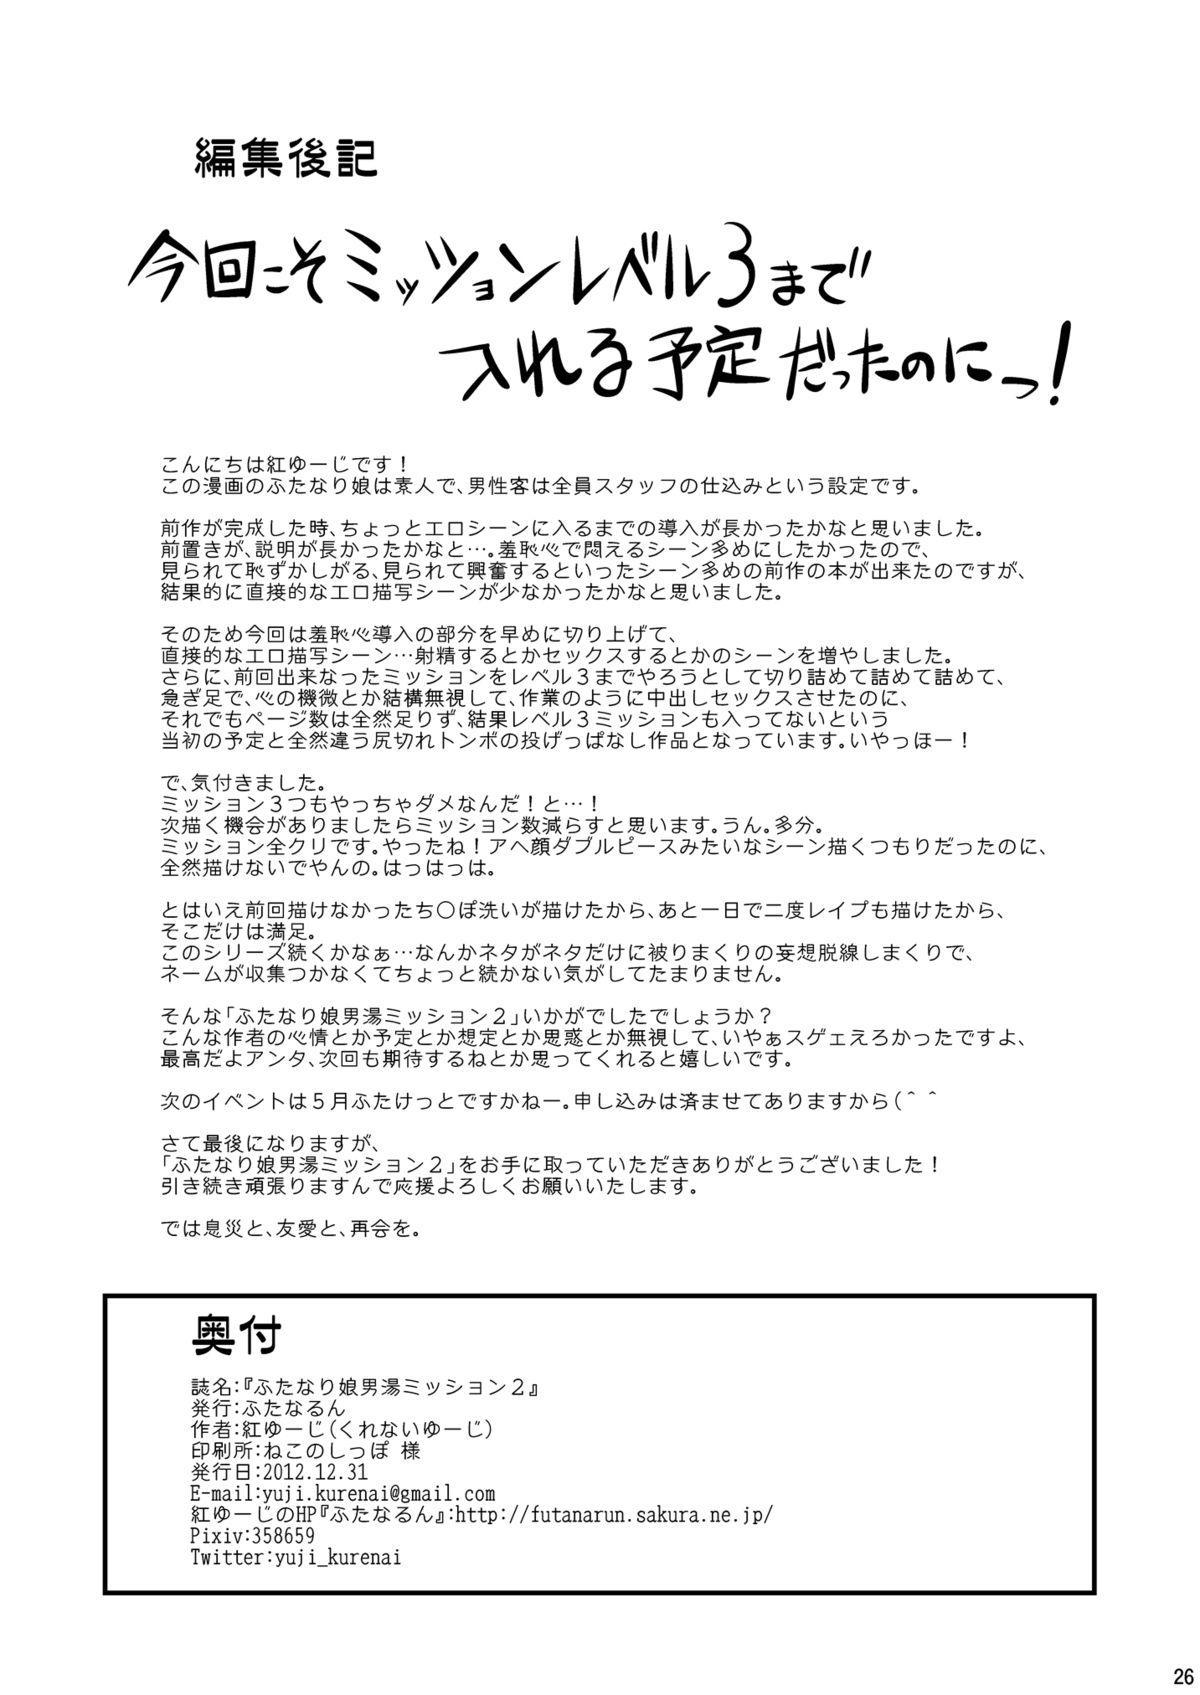 Futanari Musume Otokoyu Mission 2 24